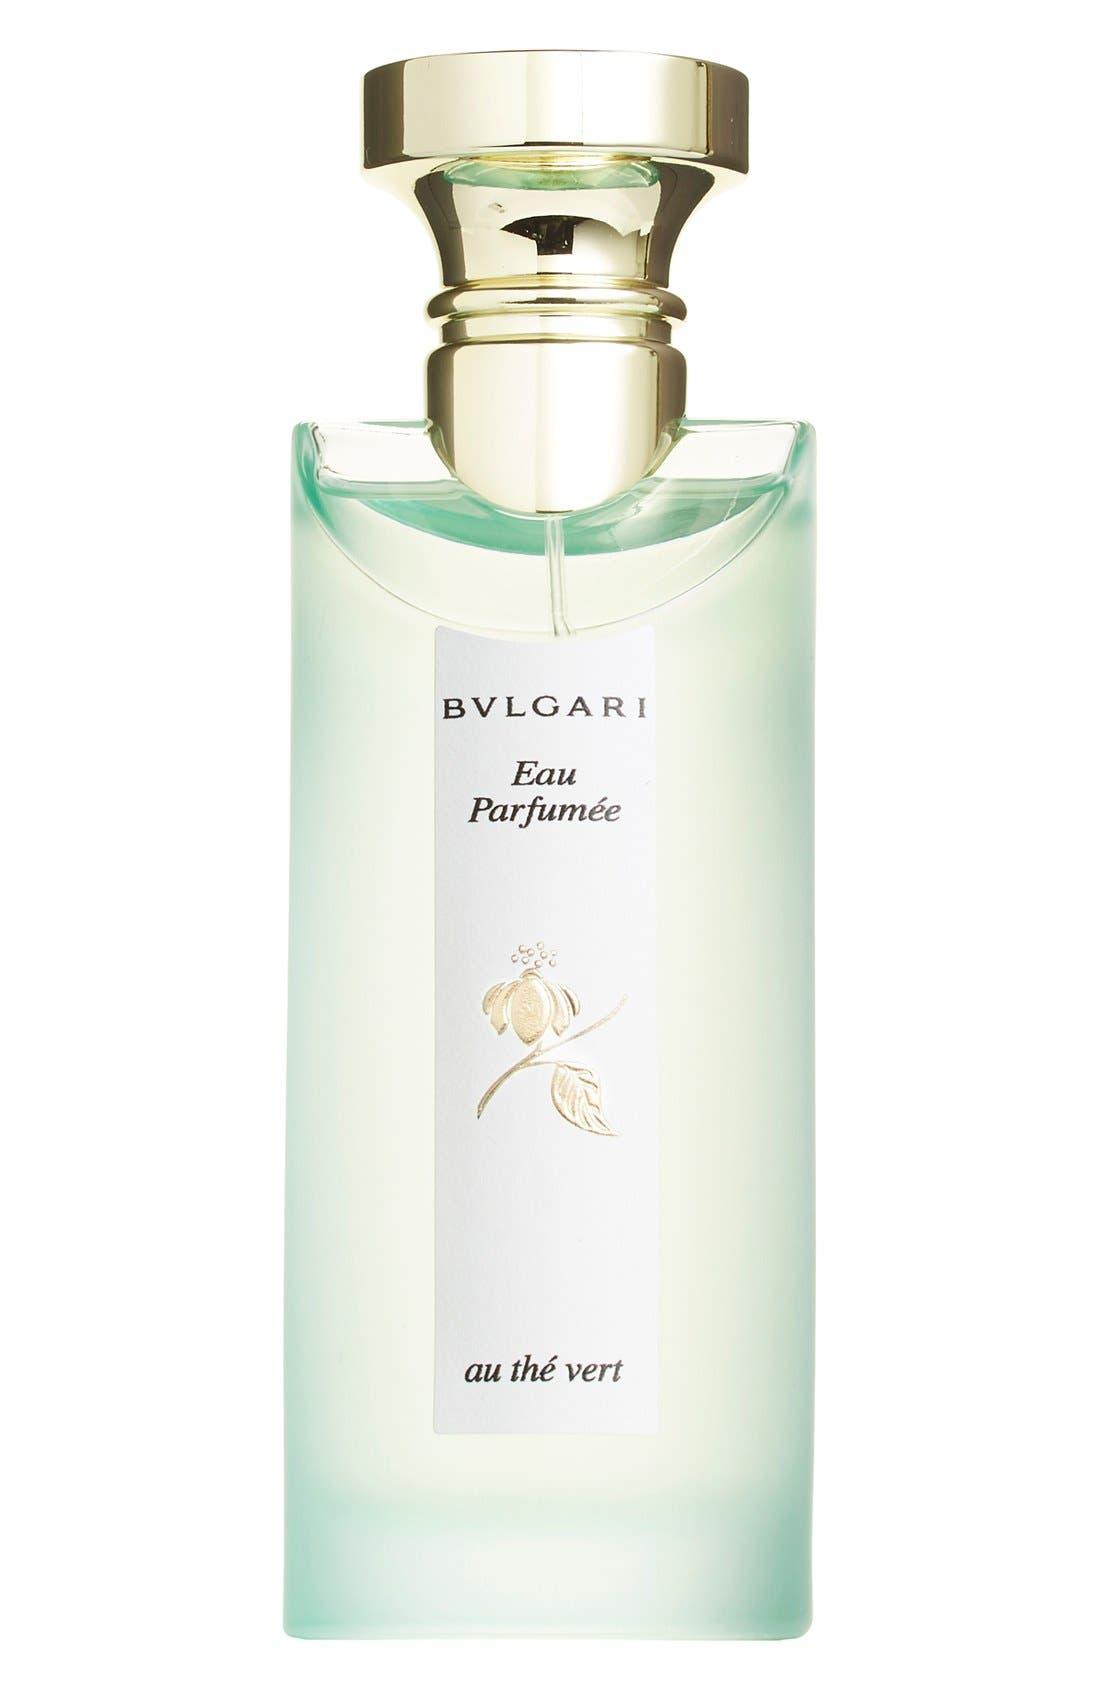 BVLGARI 'Eau Parfumée au thé vert' Eau de Cologne Spray (2.5 oz.)